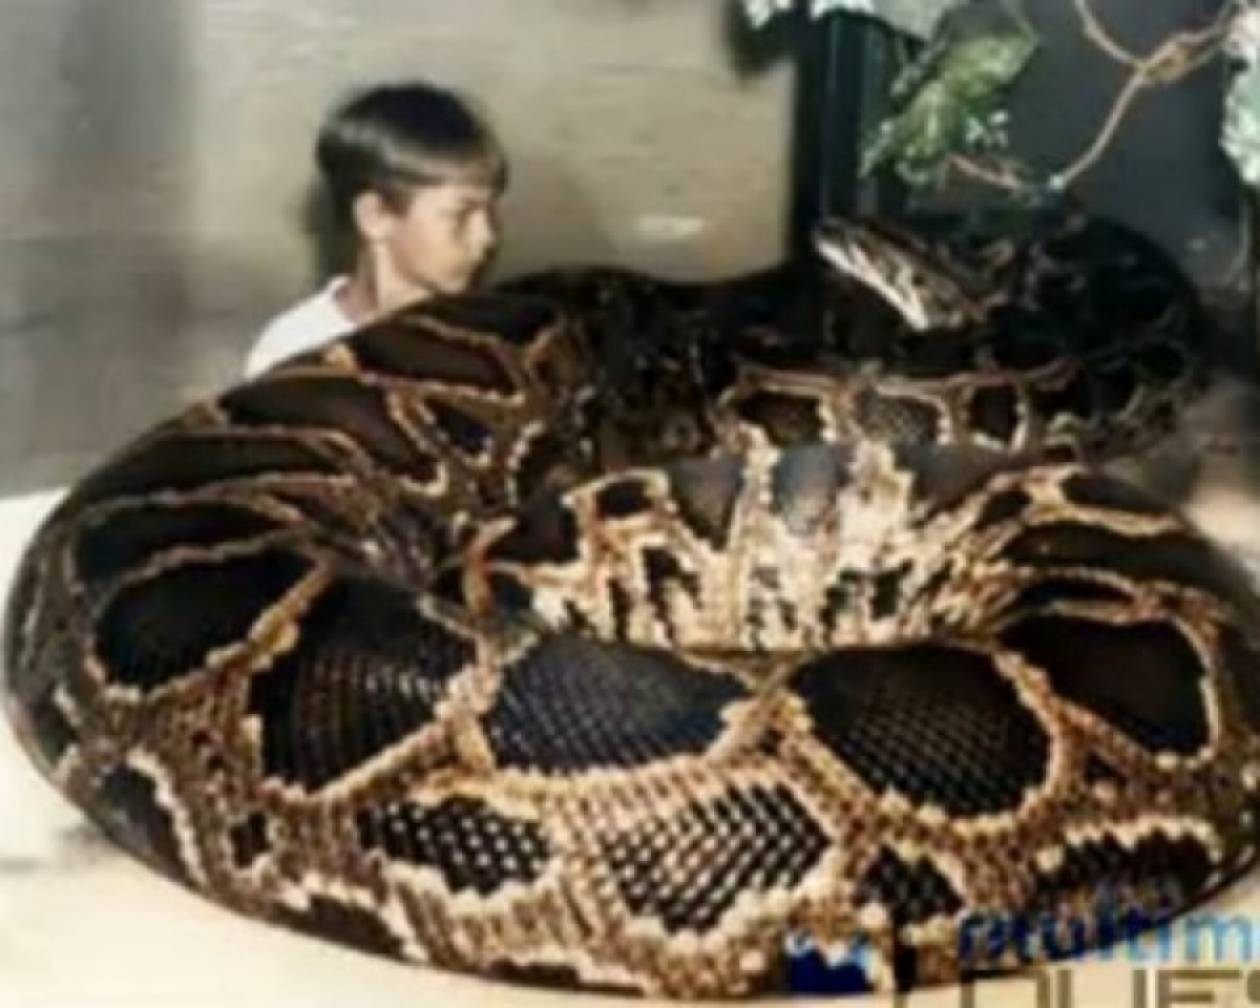 Τα μεγαλύτερα φίδια με τα περισσότερα views στο YouTube